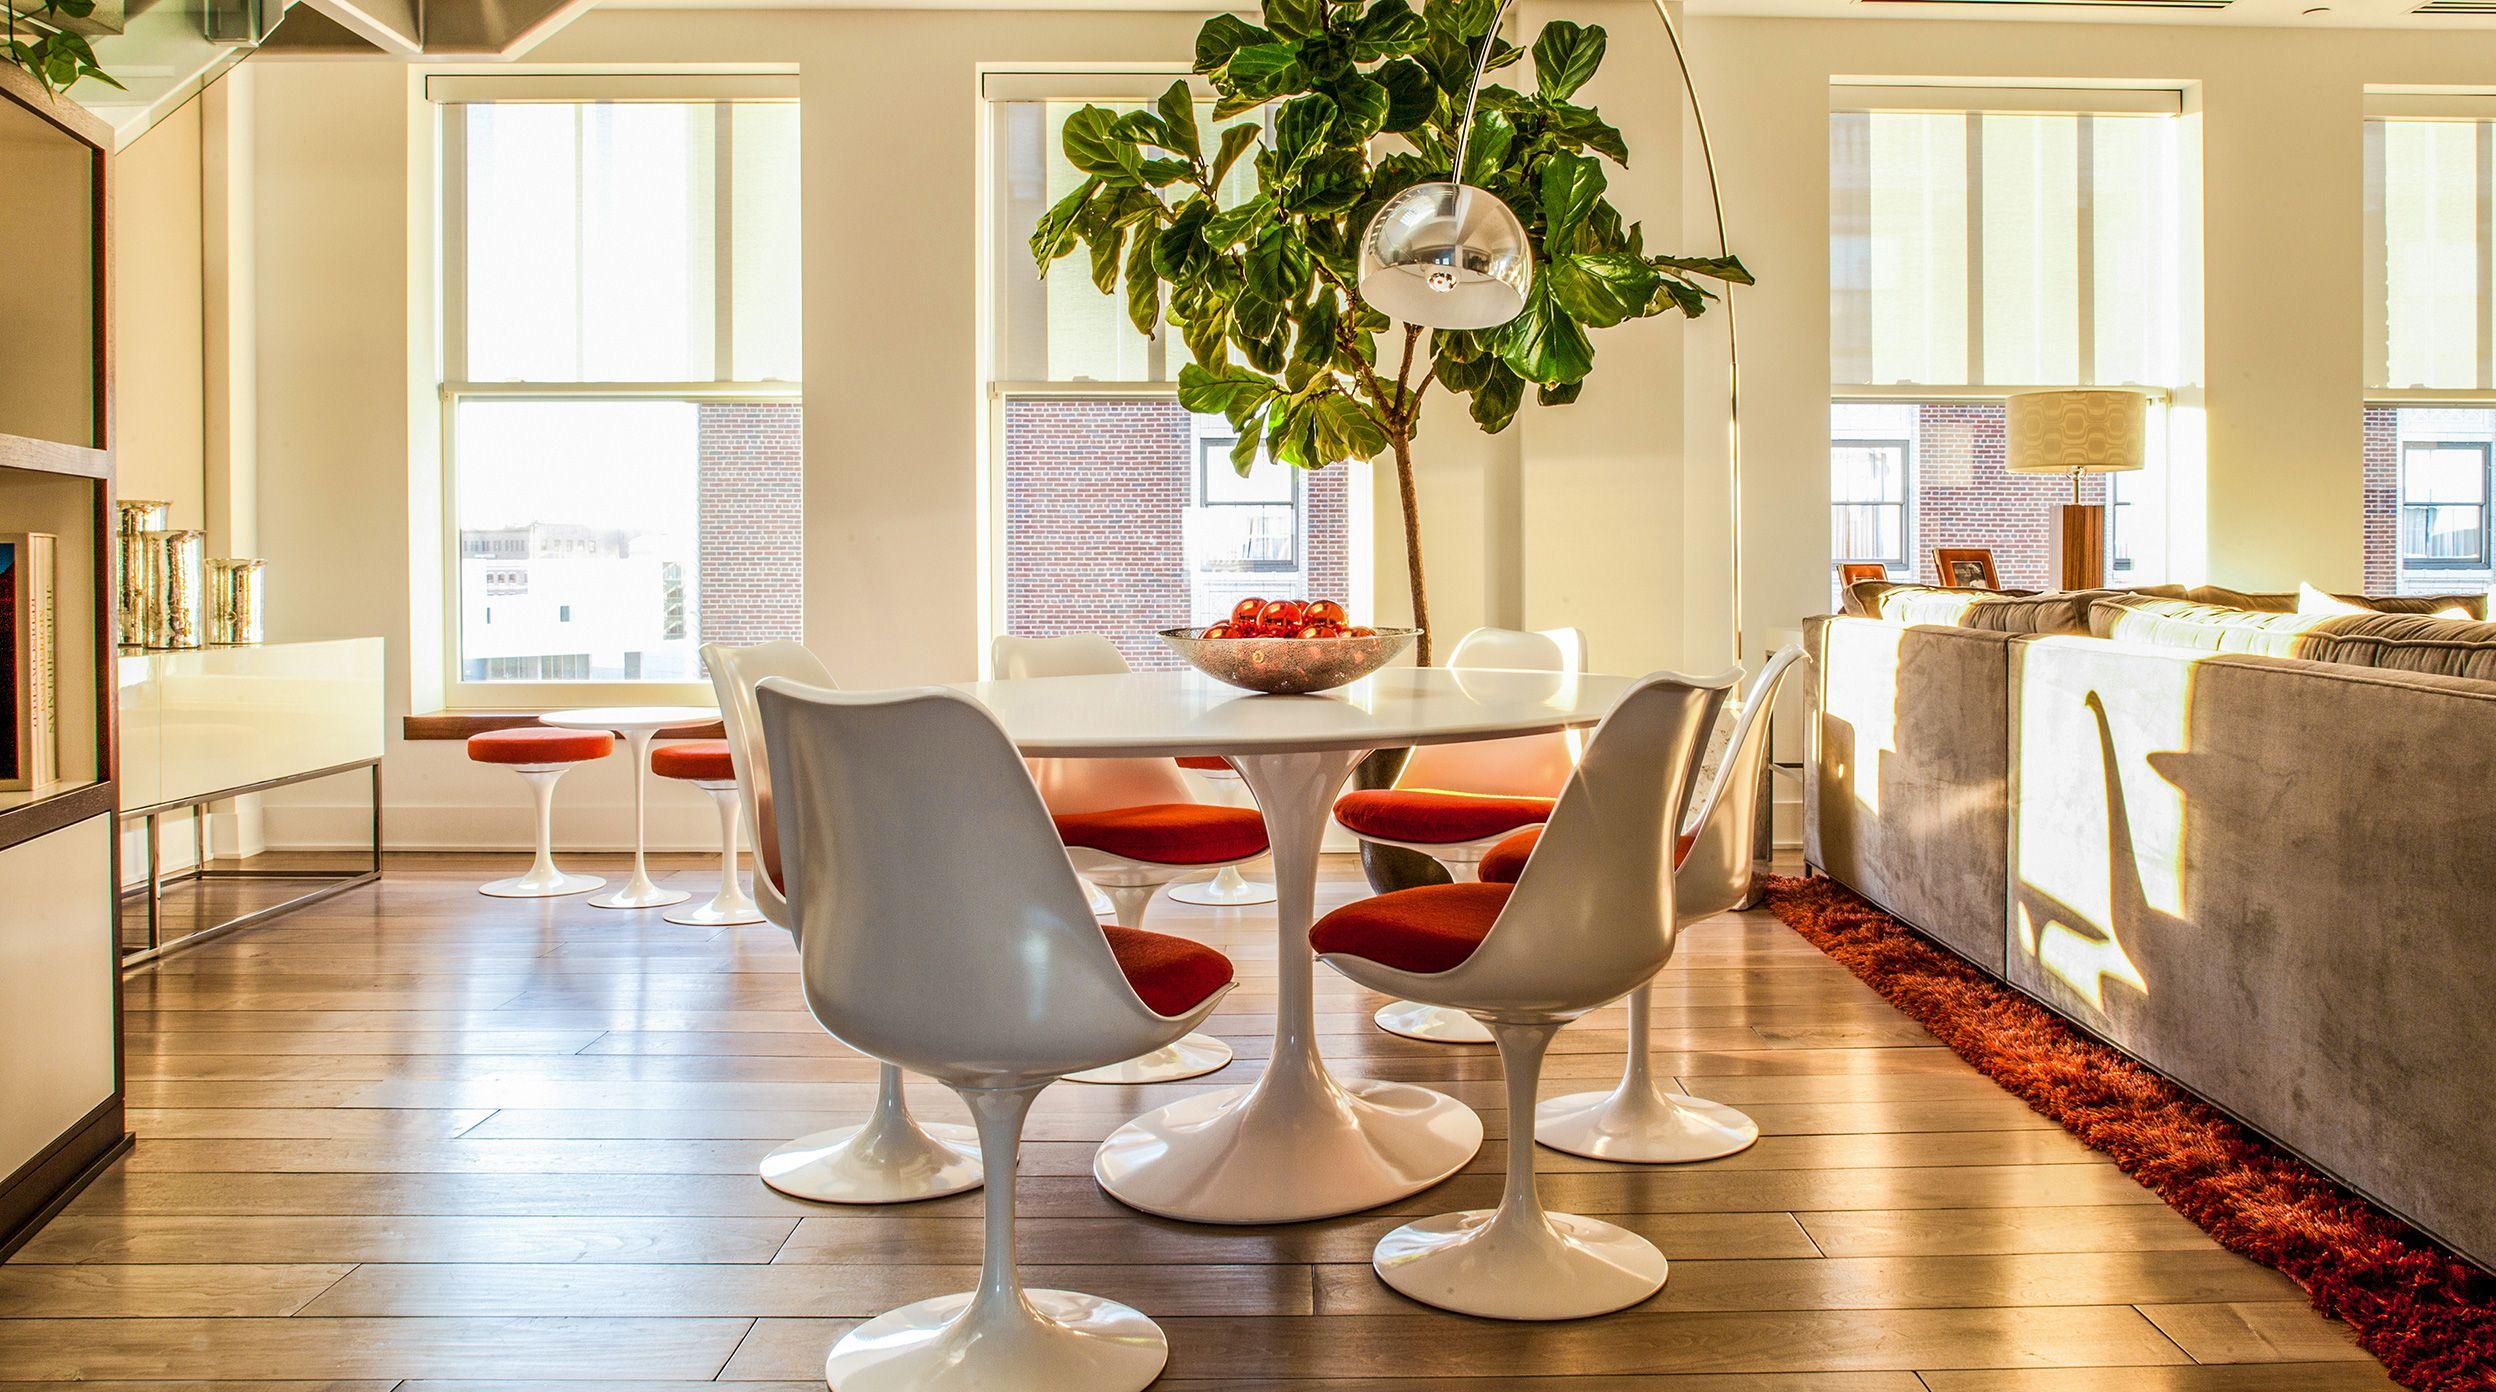 Via Design Architecture Firm Architectural Grand Rapids Michigan Interior